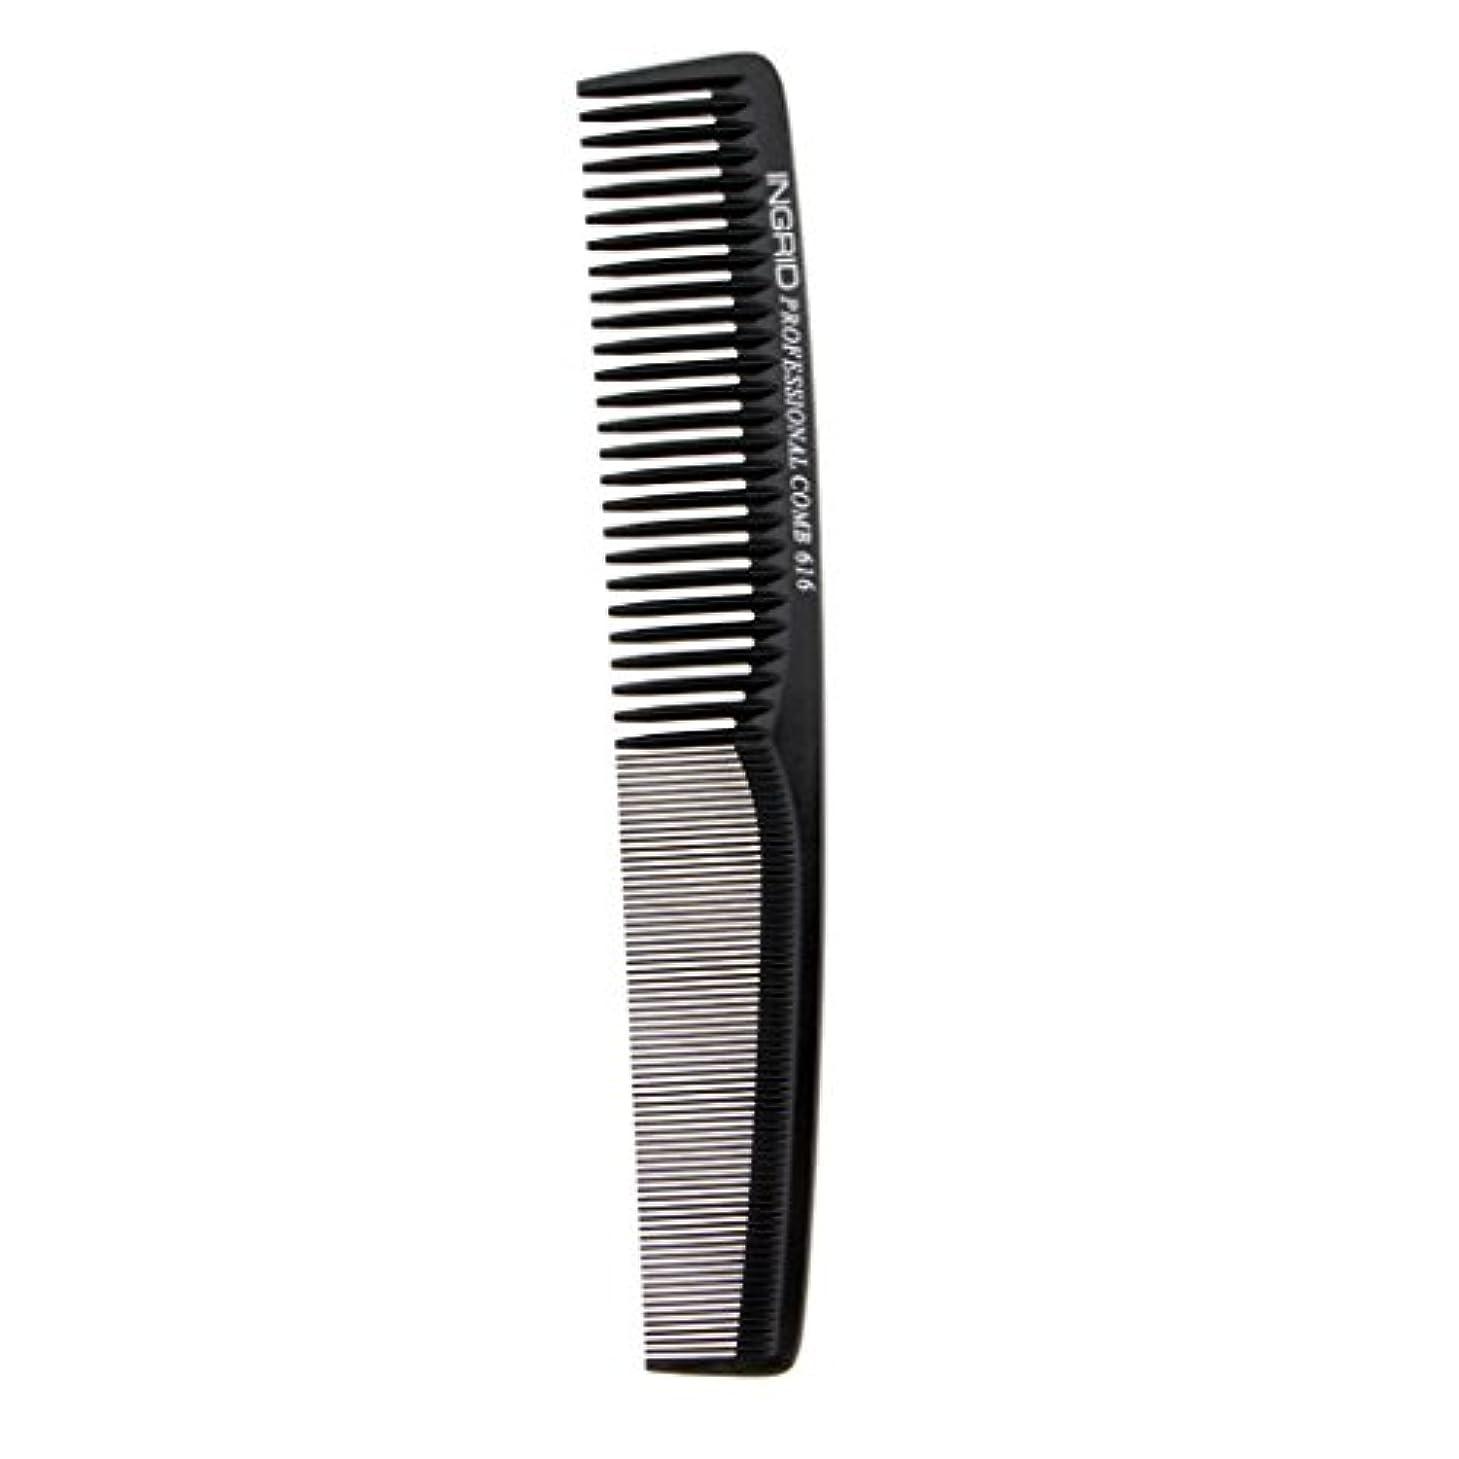 まろやかな原油再生Fenteer ヘアカットコーム 櫛 コーム 理髪店 ヘアケア 便利 全5色  - ブラック